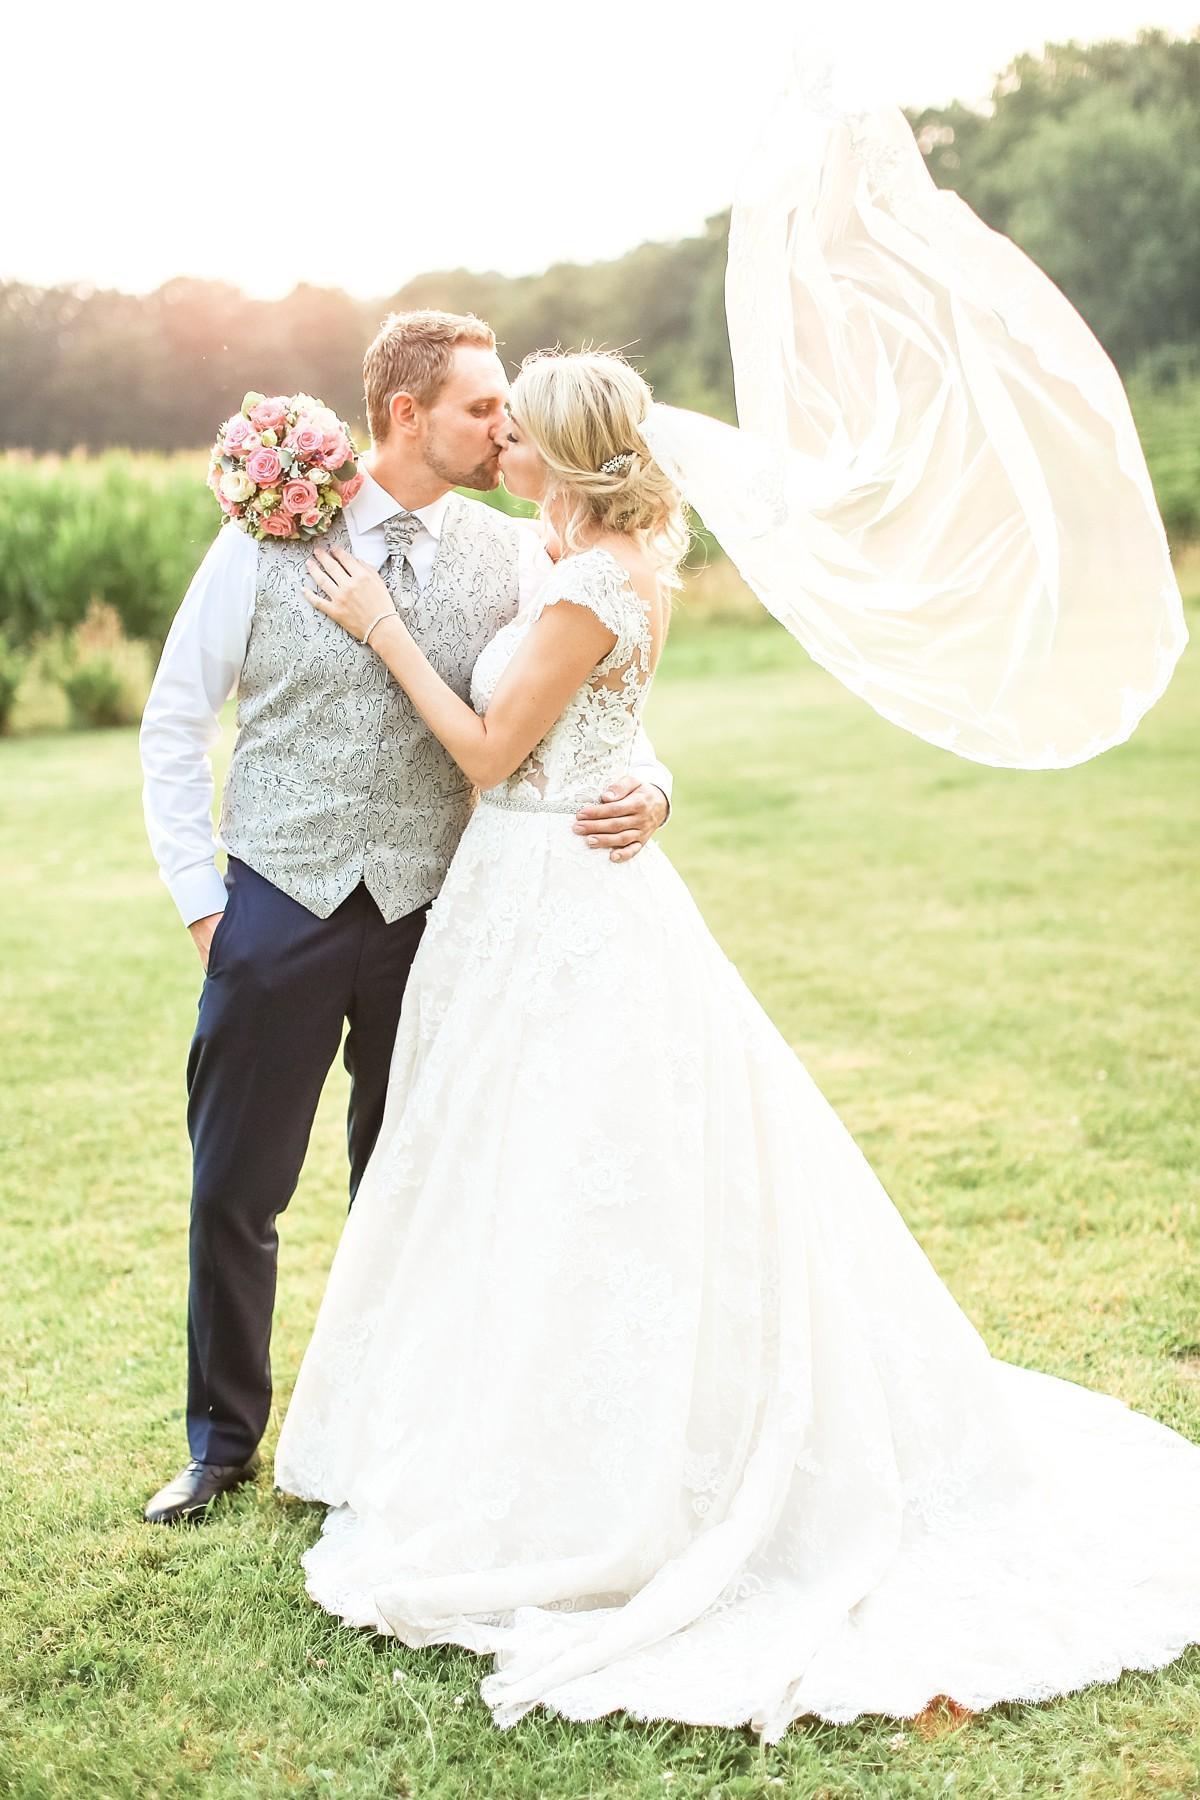 Hochzeitsfotograf-Herford-van-Laer-Fotograf-Hochzeit-Nrw_0104